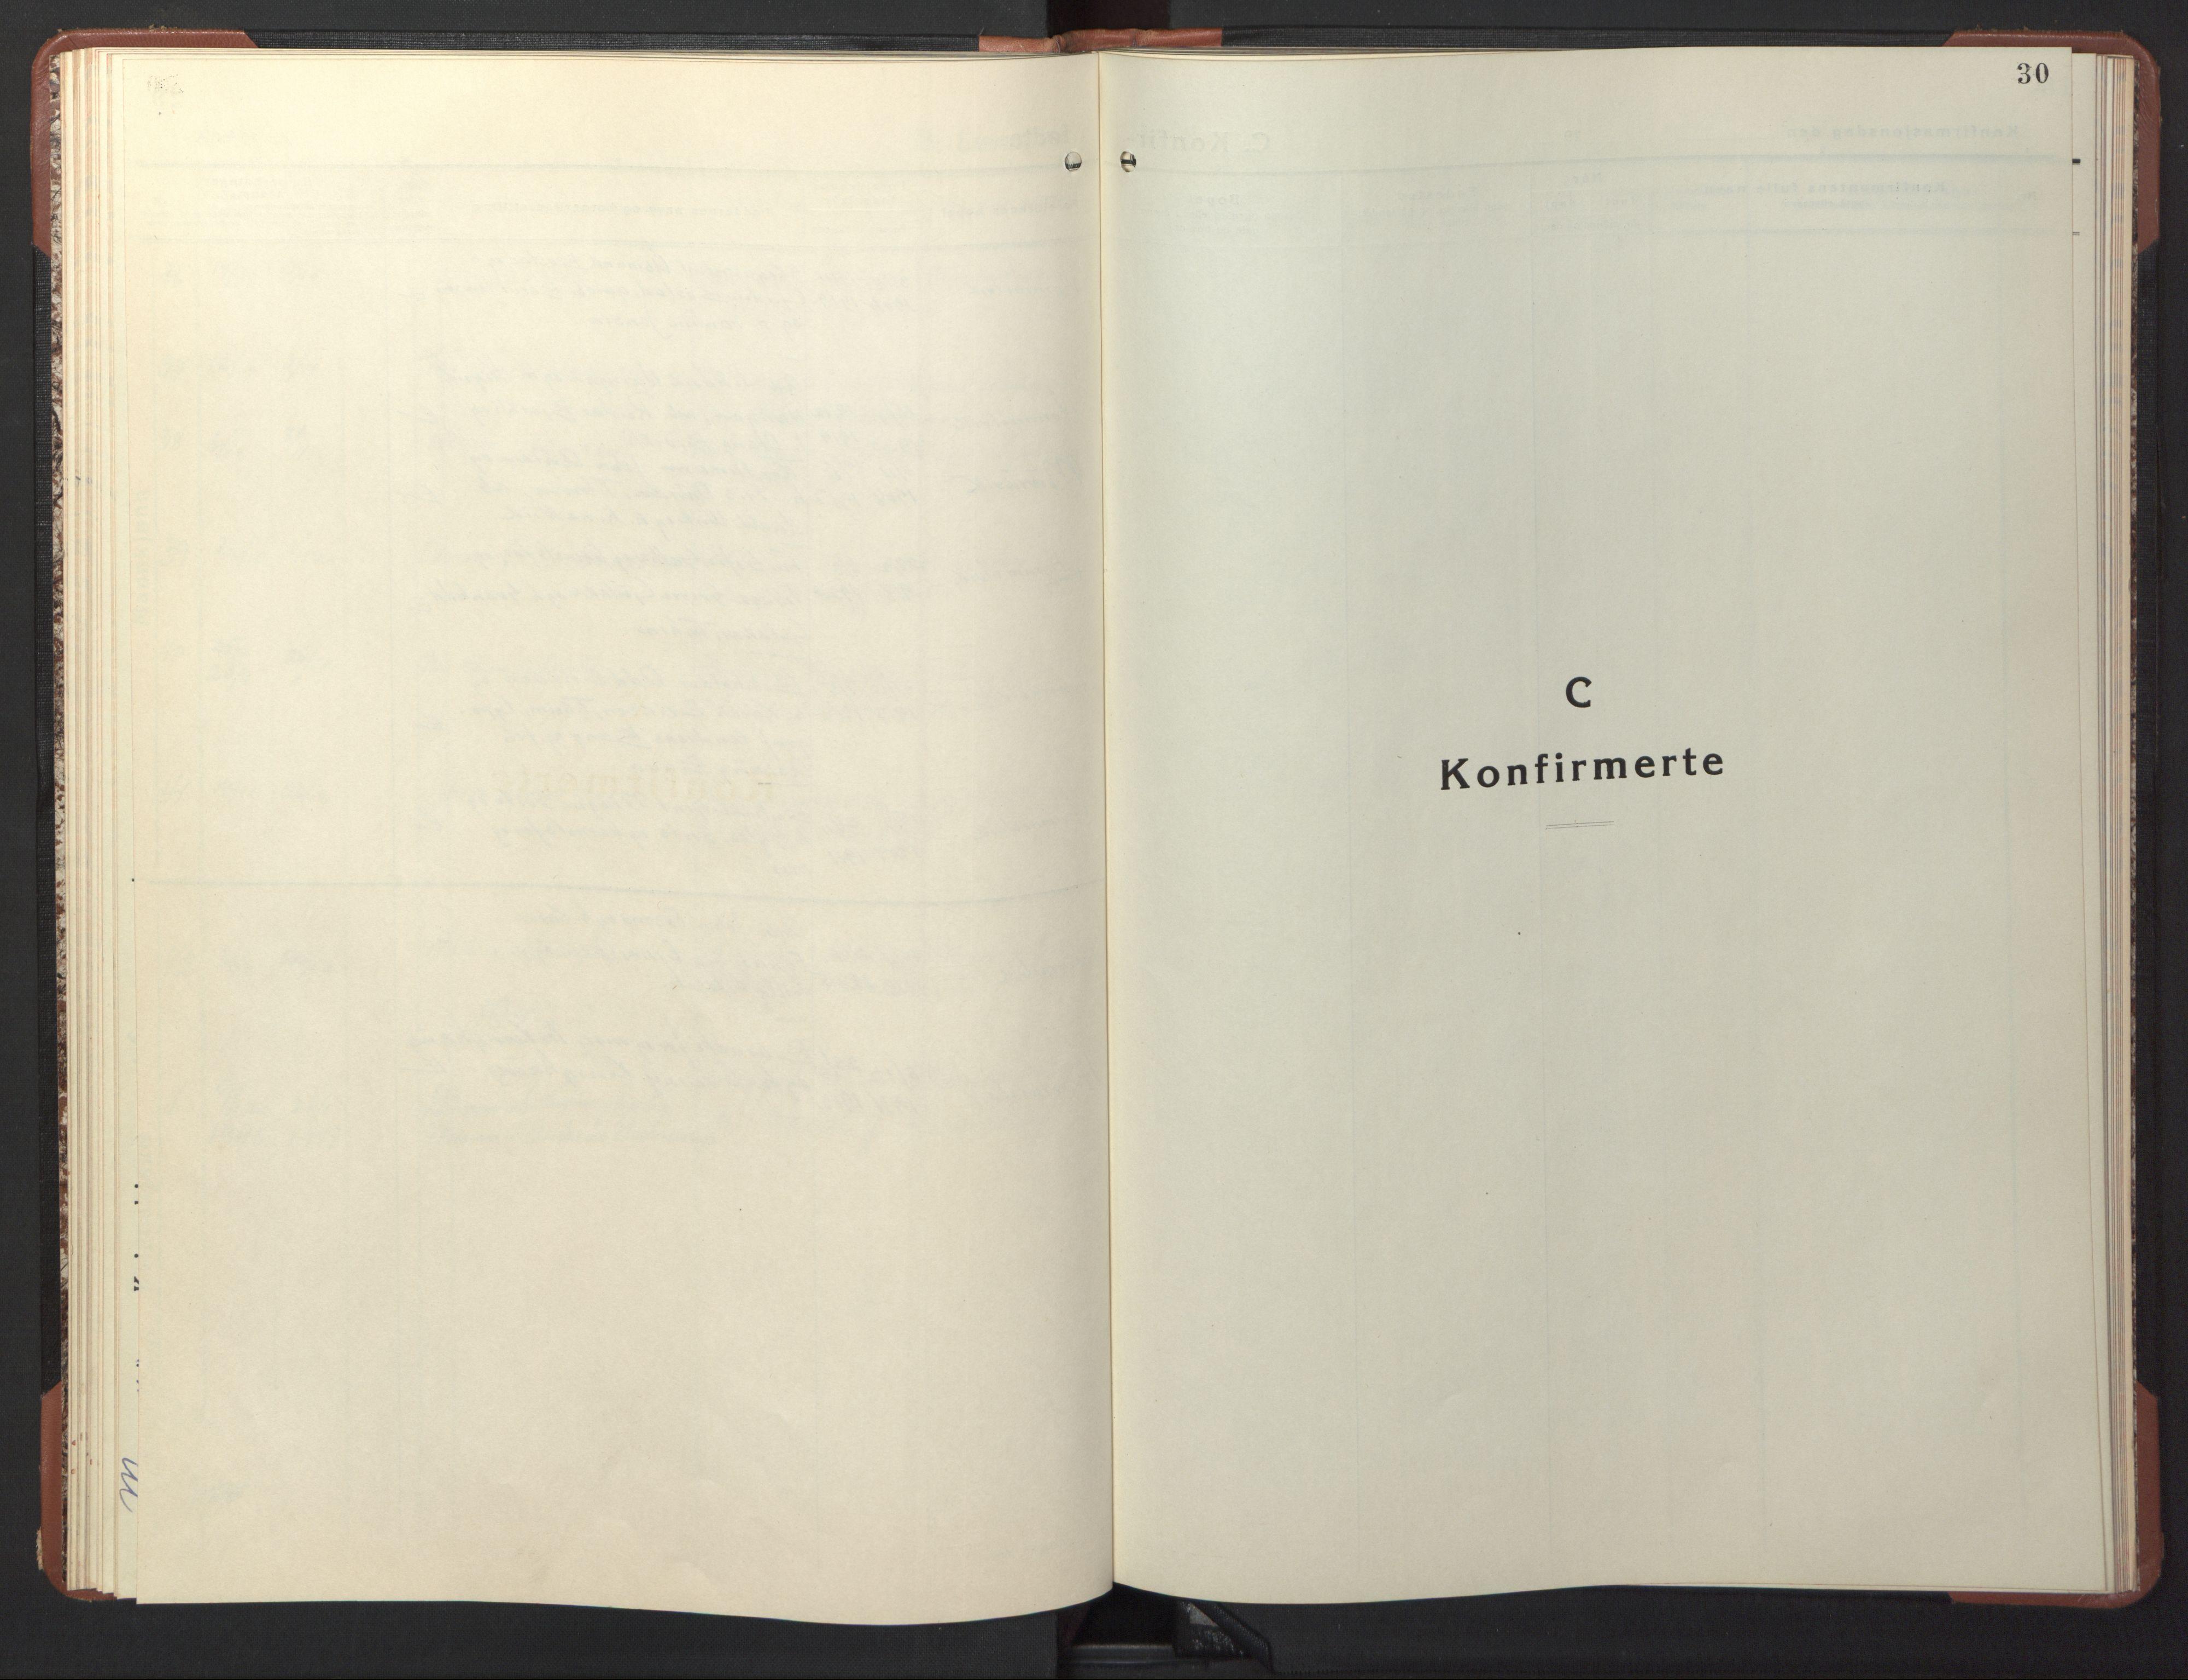 SAT, Ministerialprotokoller, klokkerbøker og fødselsregistre - Sør-Trøndelag, 617/L0433: Klokkerbok nr. 617C04, 1942-1947, s. 30